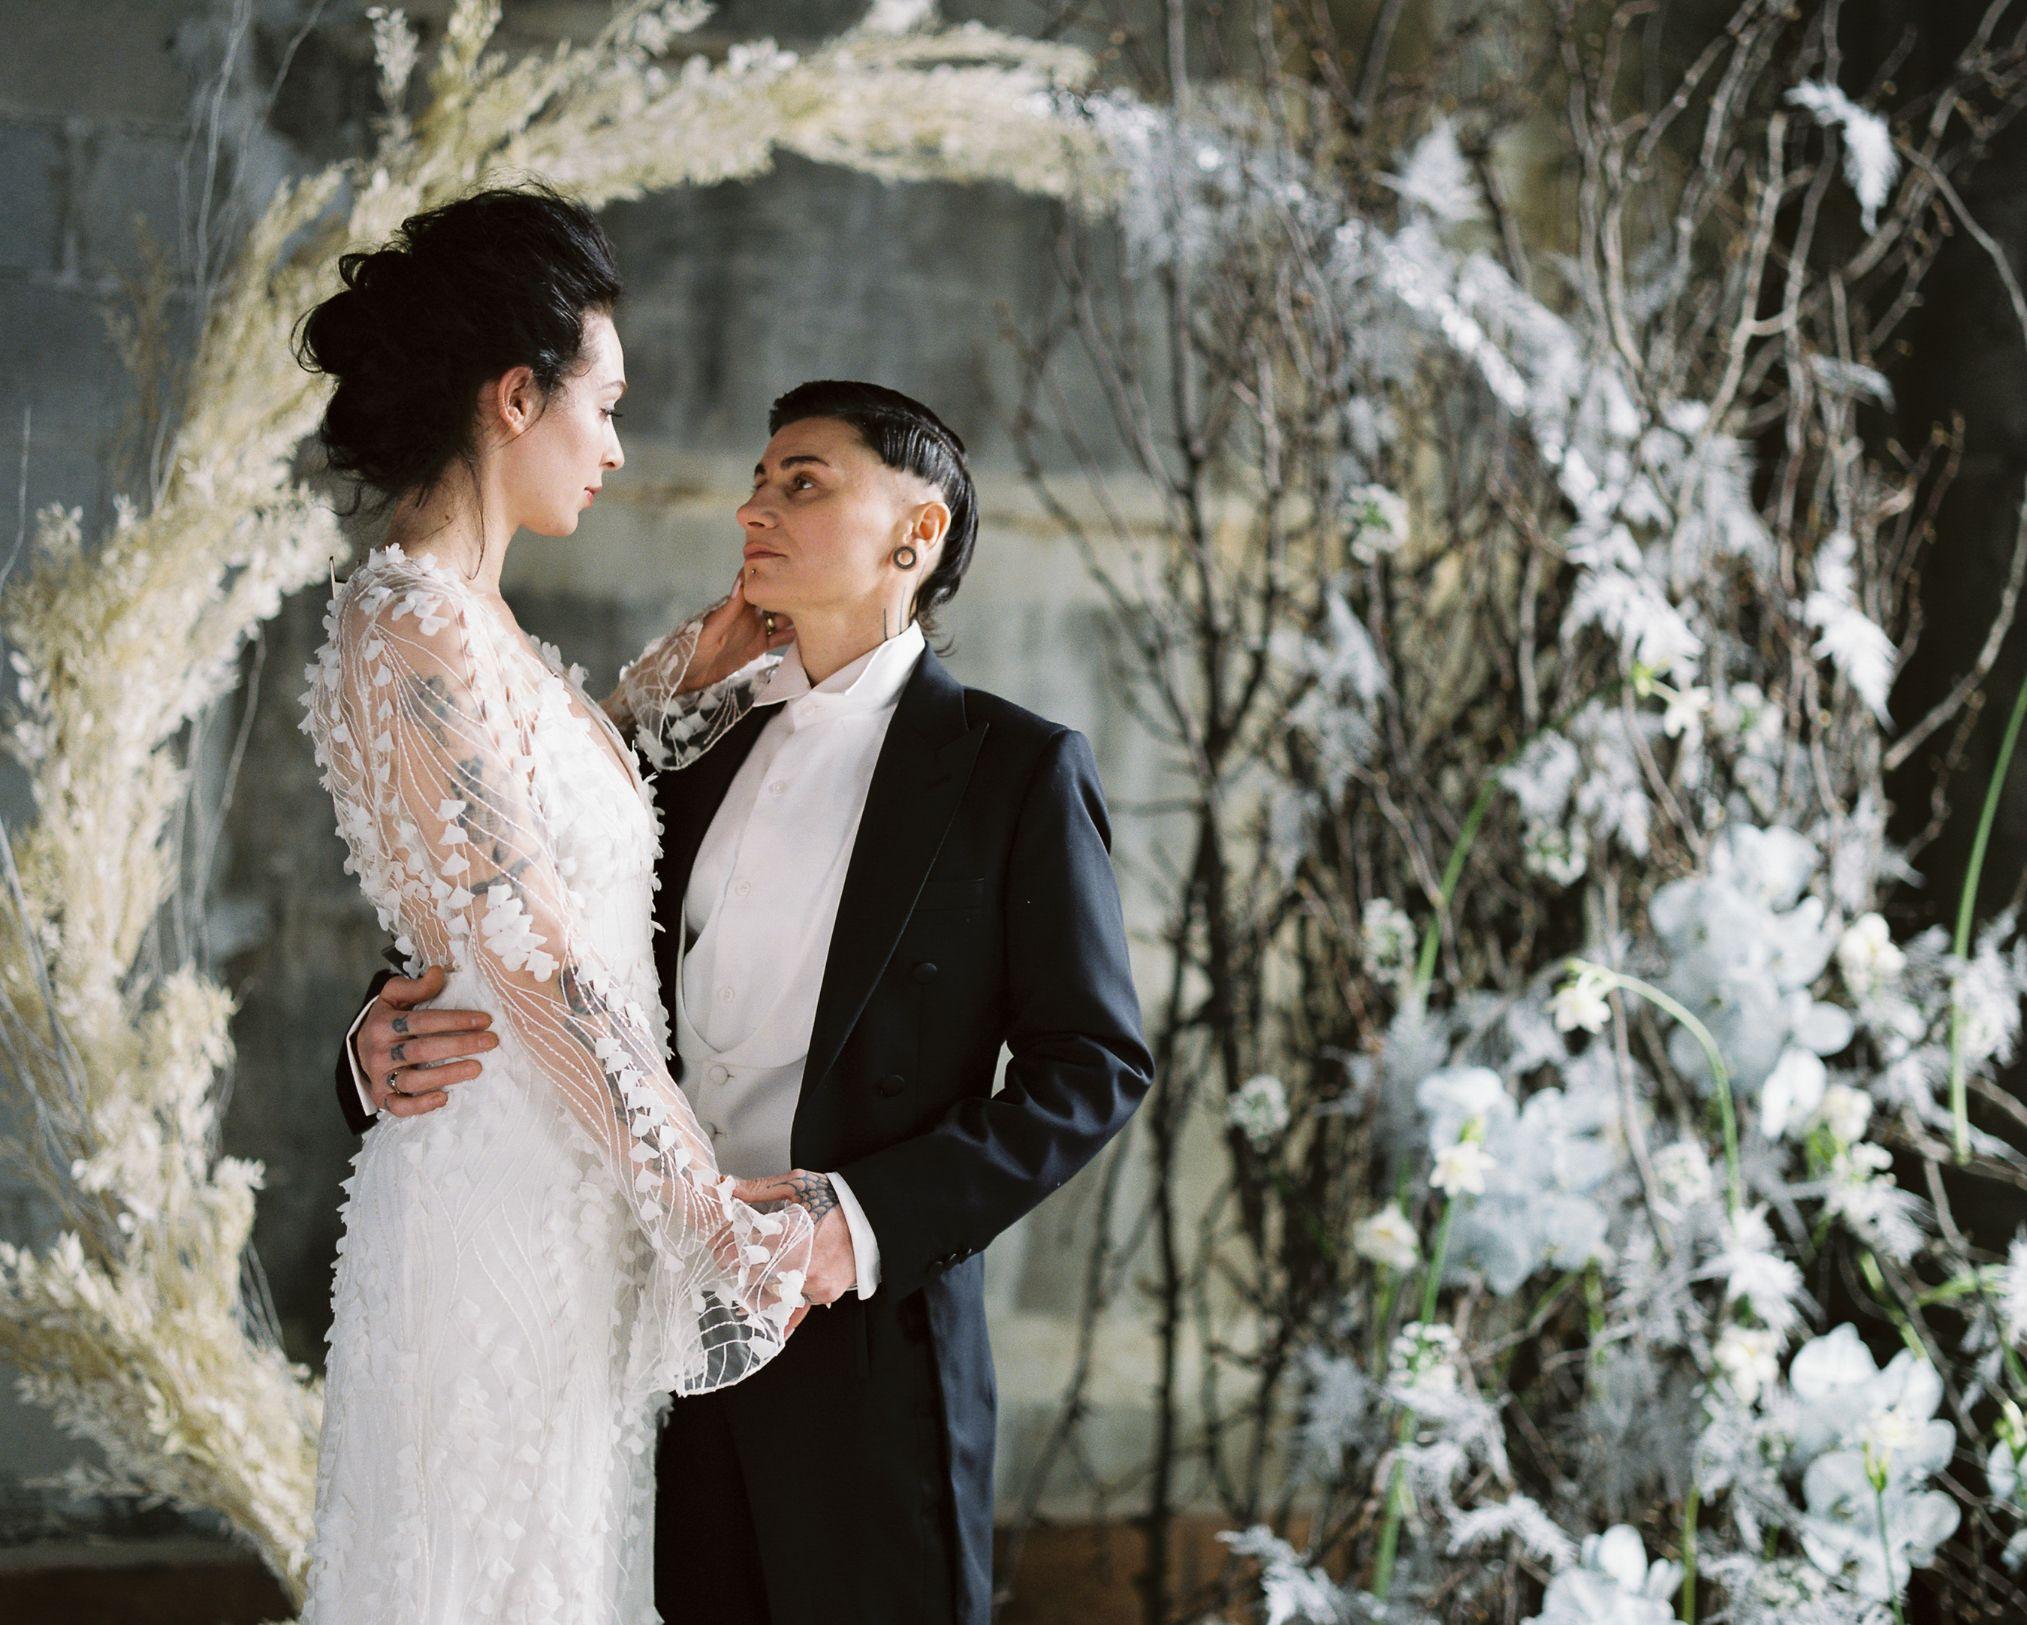 olio-peabody-boston-lesbian-wedding-style-daylynn-designs14 2.jpg